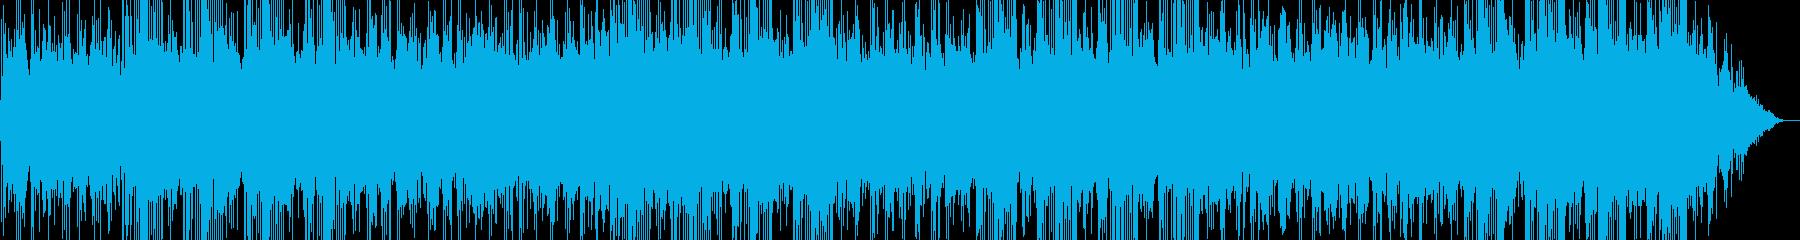 物悲しい・ノスタルジックな曲_リピート有の再生済みの波形